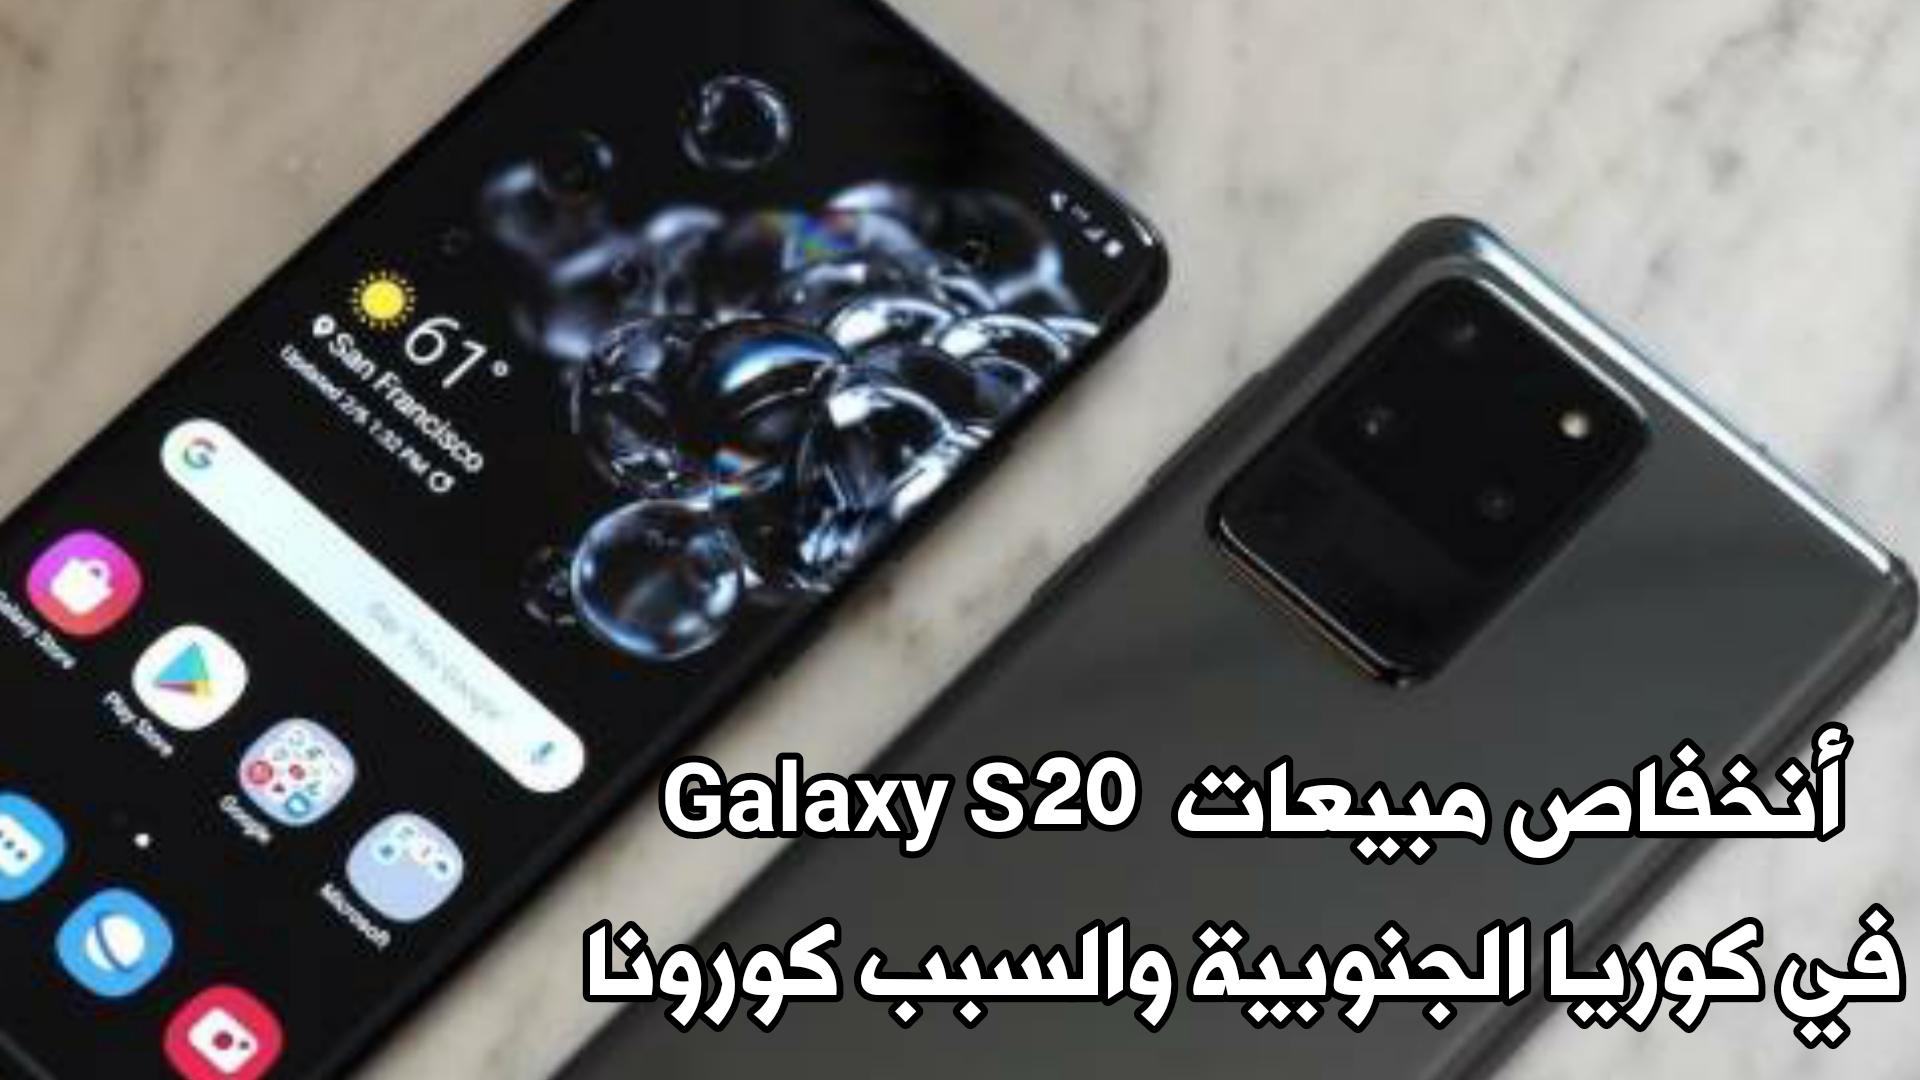 فايروس كورونا يتسبب بأنخفاض مبيعات هاتف Galaxy S20 في كوريا الجنوبية